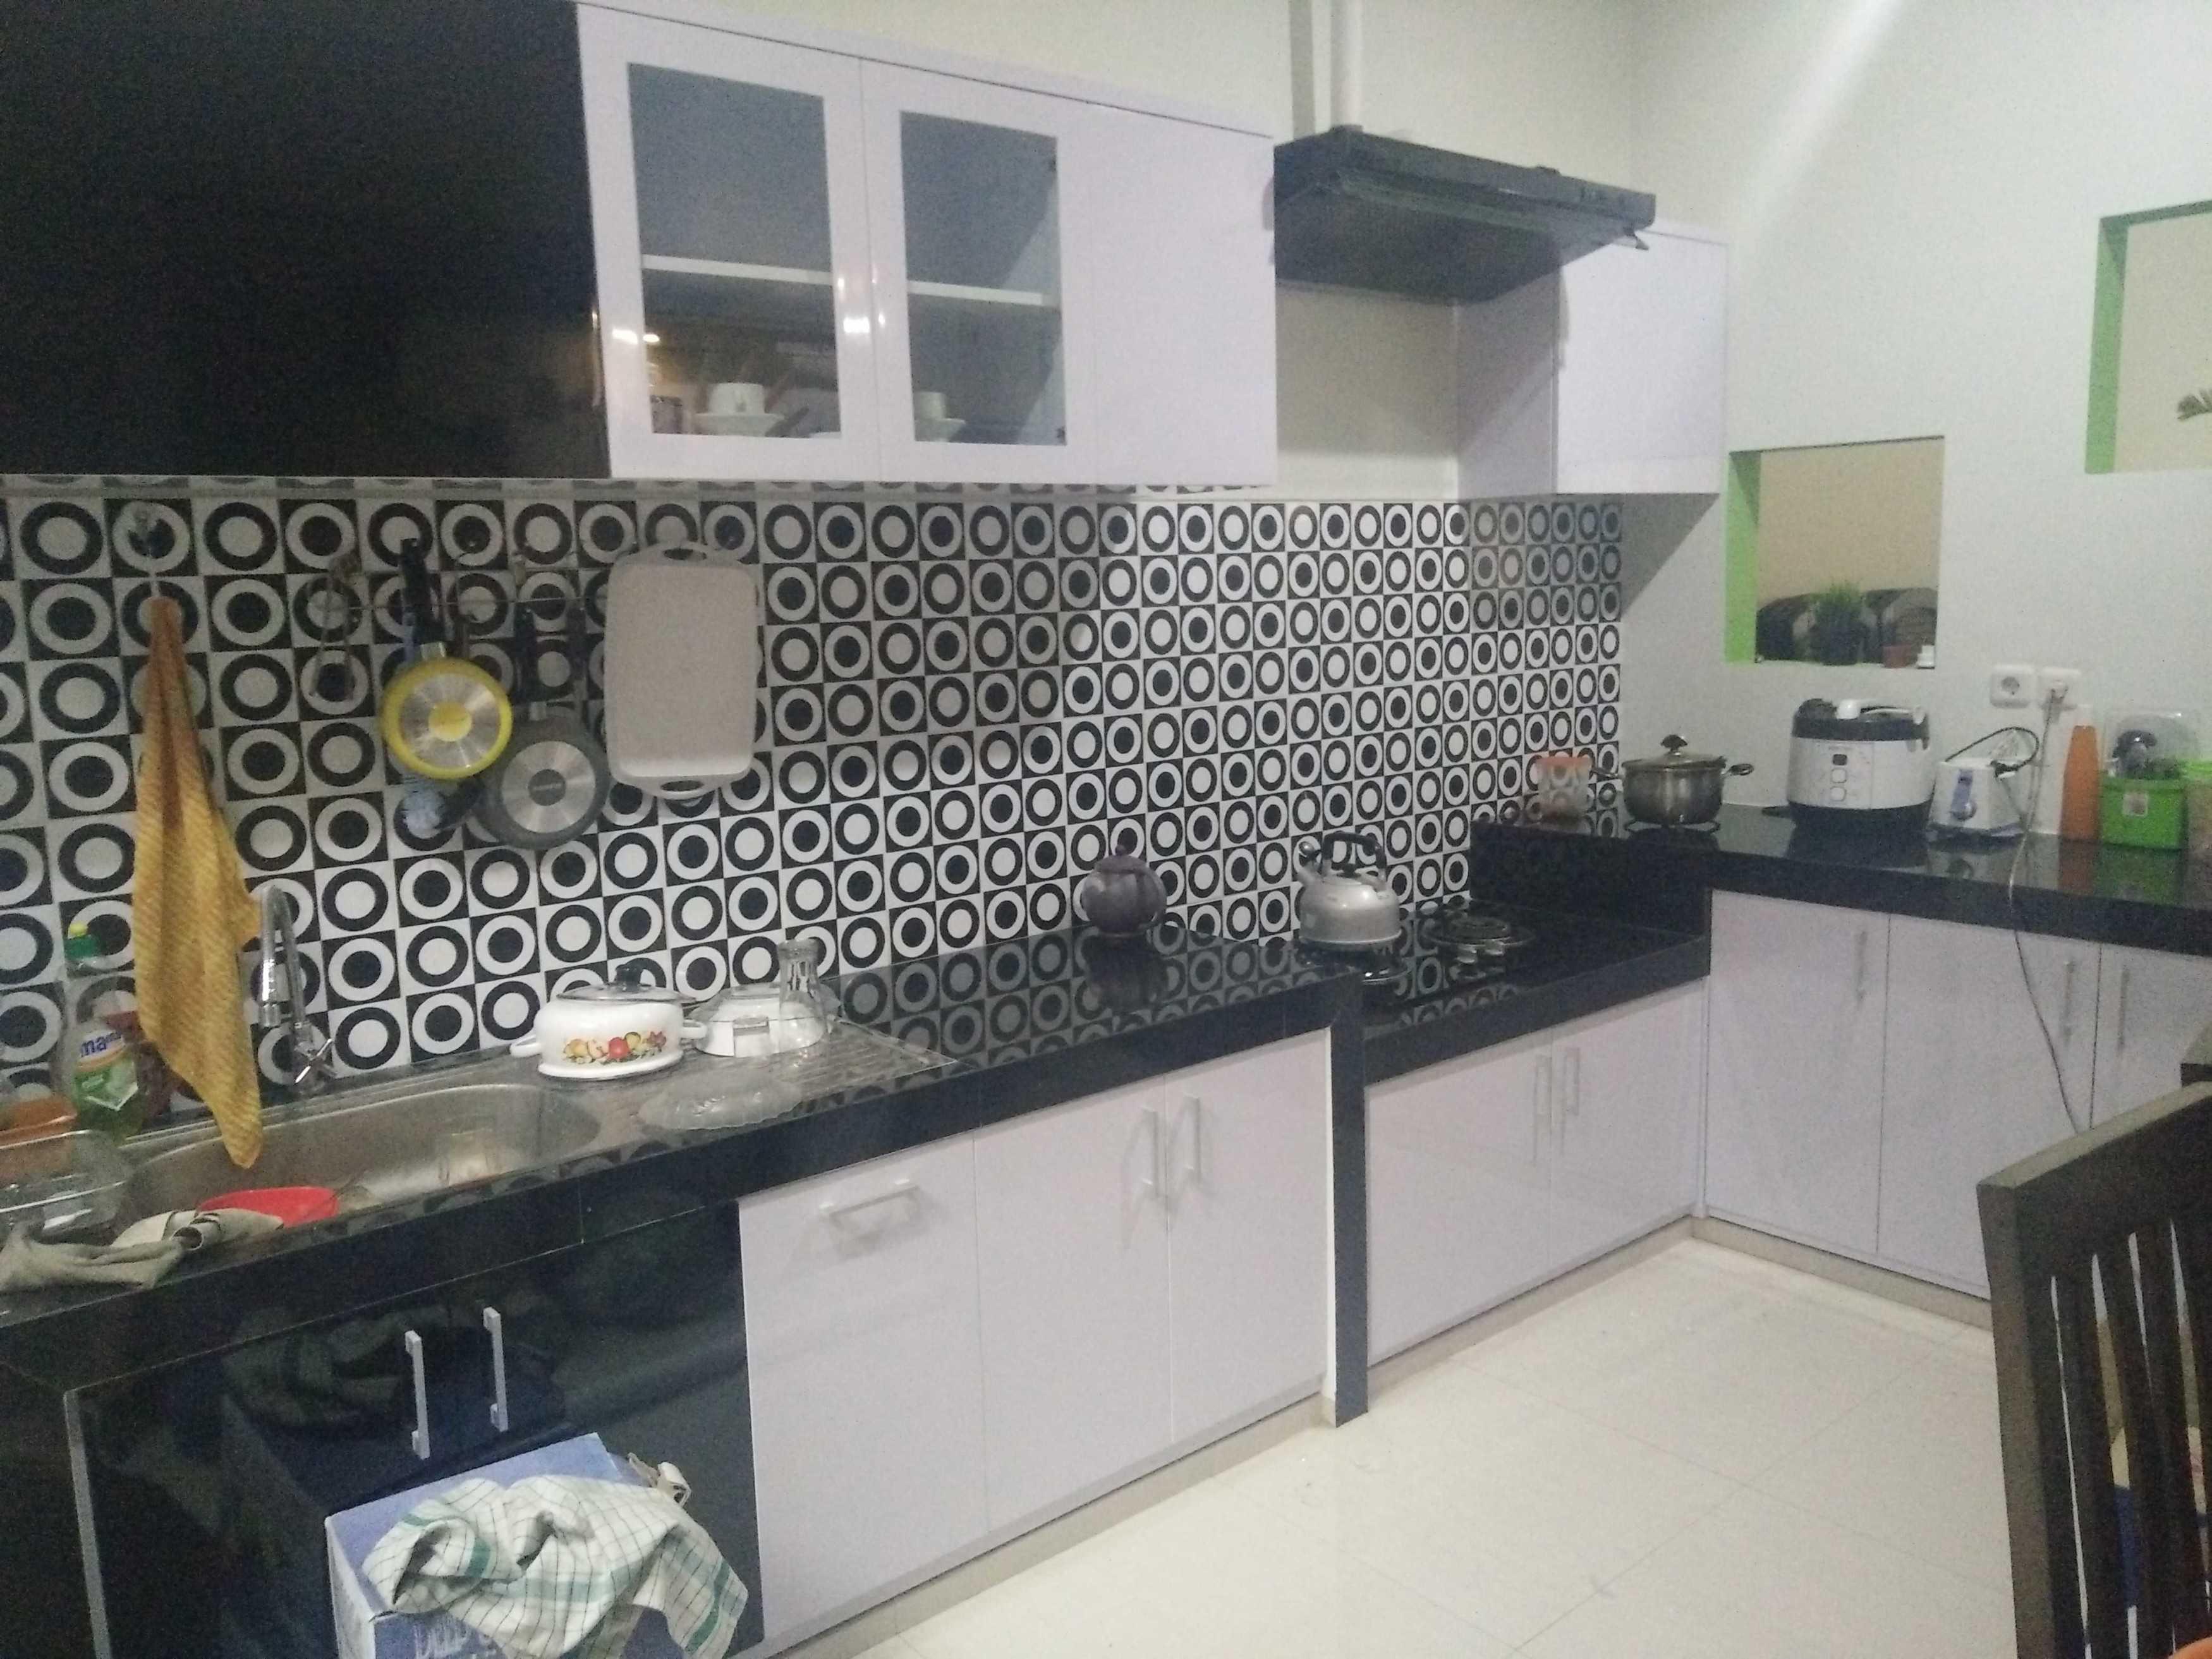 Trend arch kitchen set pandaan pasuruan jawa timur indonesia pandaan pasuruan